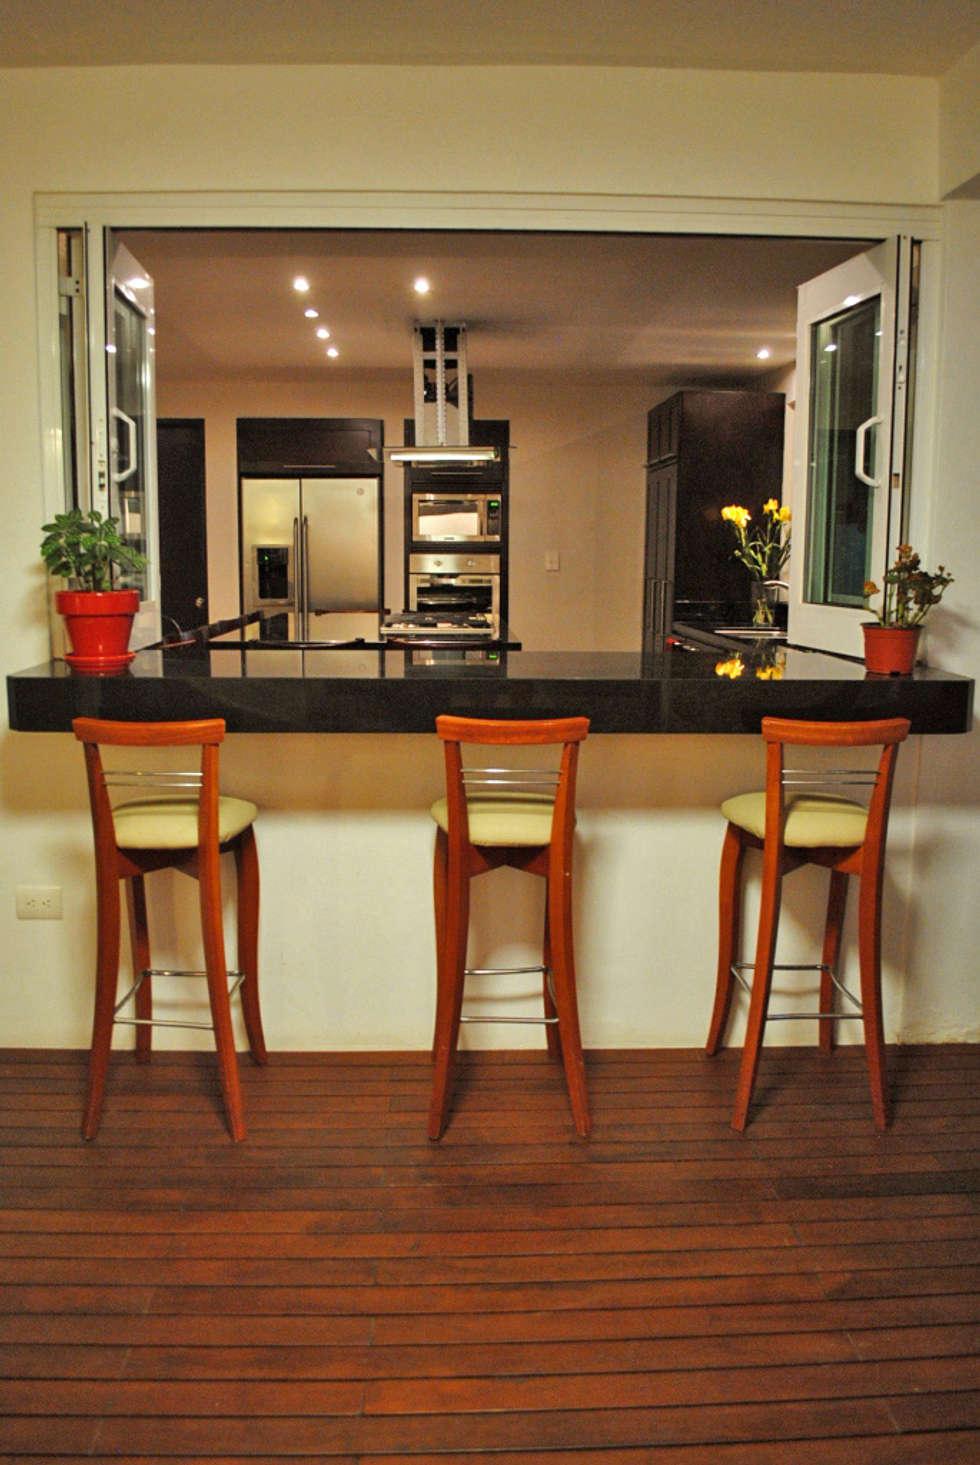 Bancos y taburetes para una cocina ¡con mucho estilo!